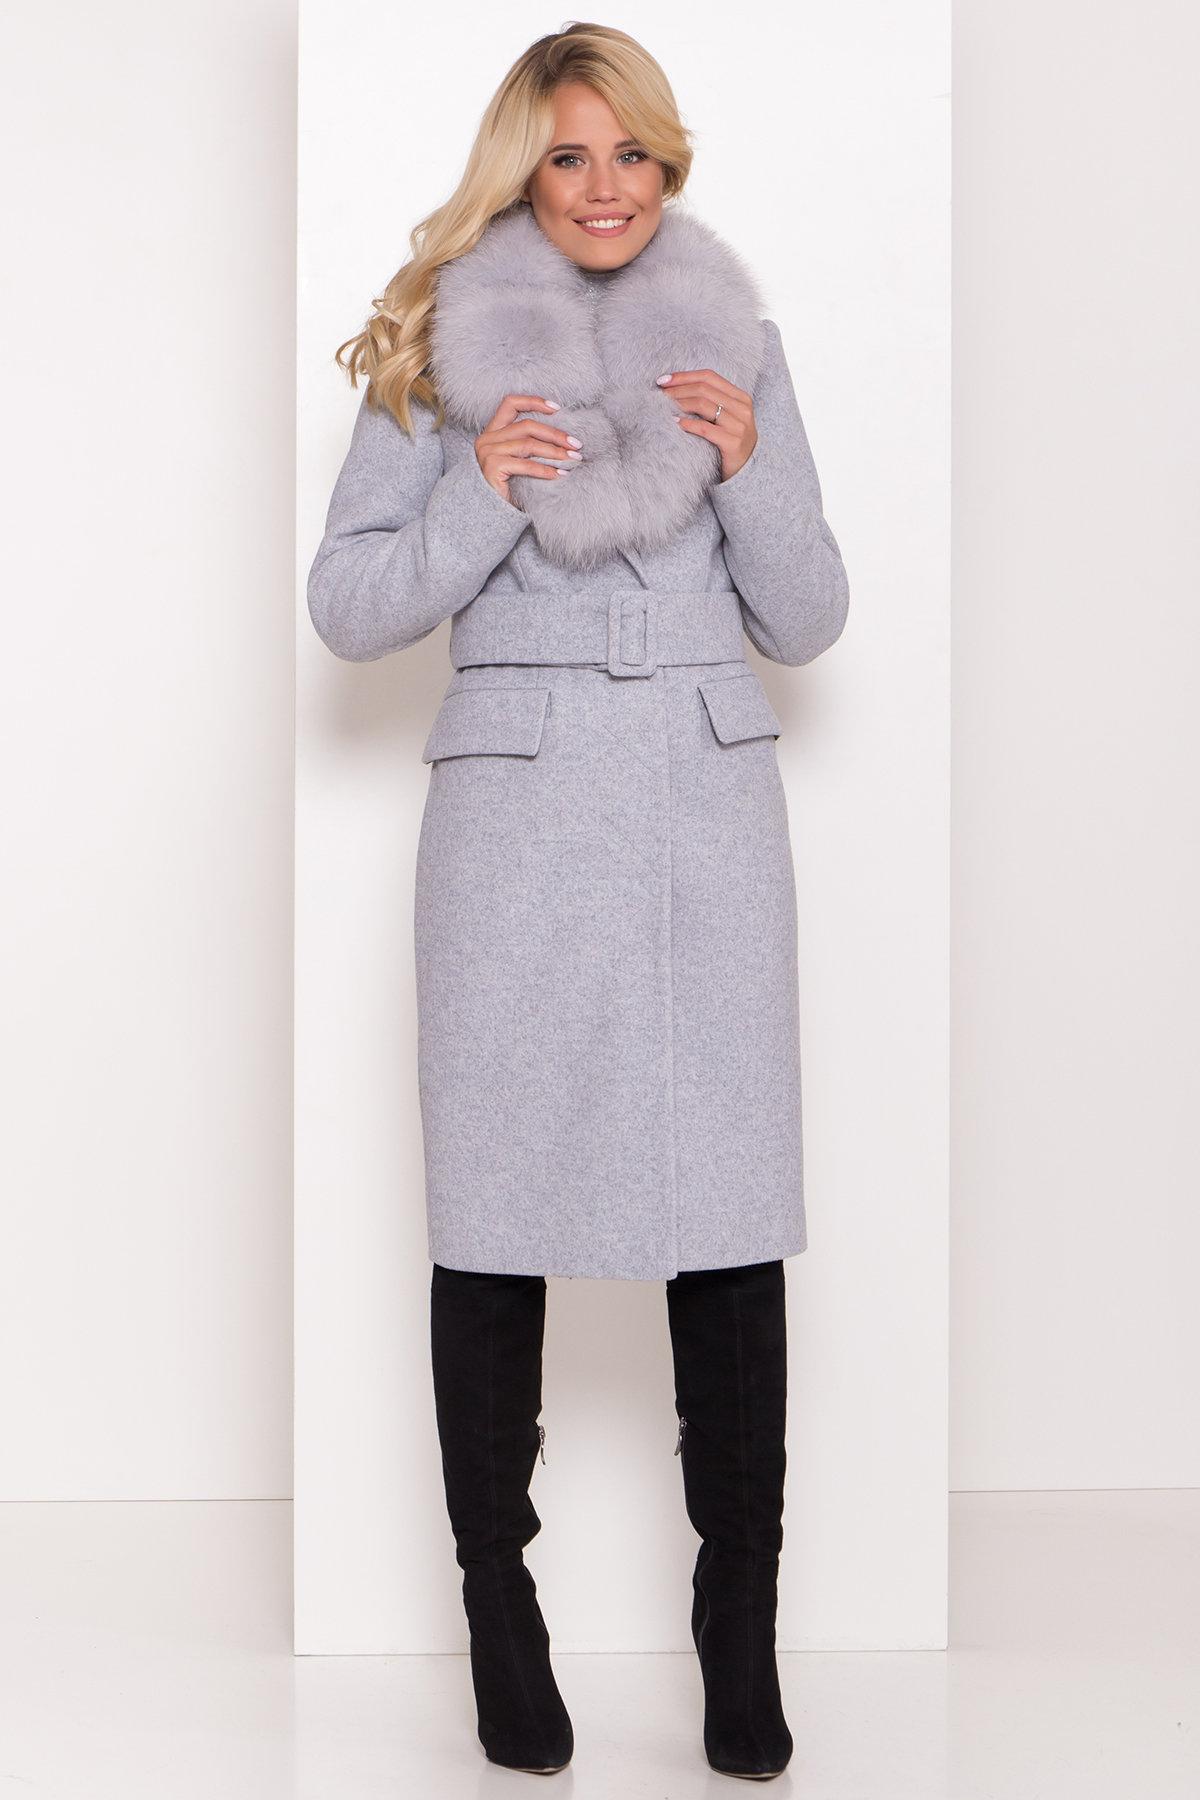 Зимнее пальто оптом от Modus Пальто зима с меховым воротником Лабио 8149